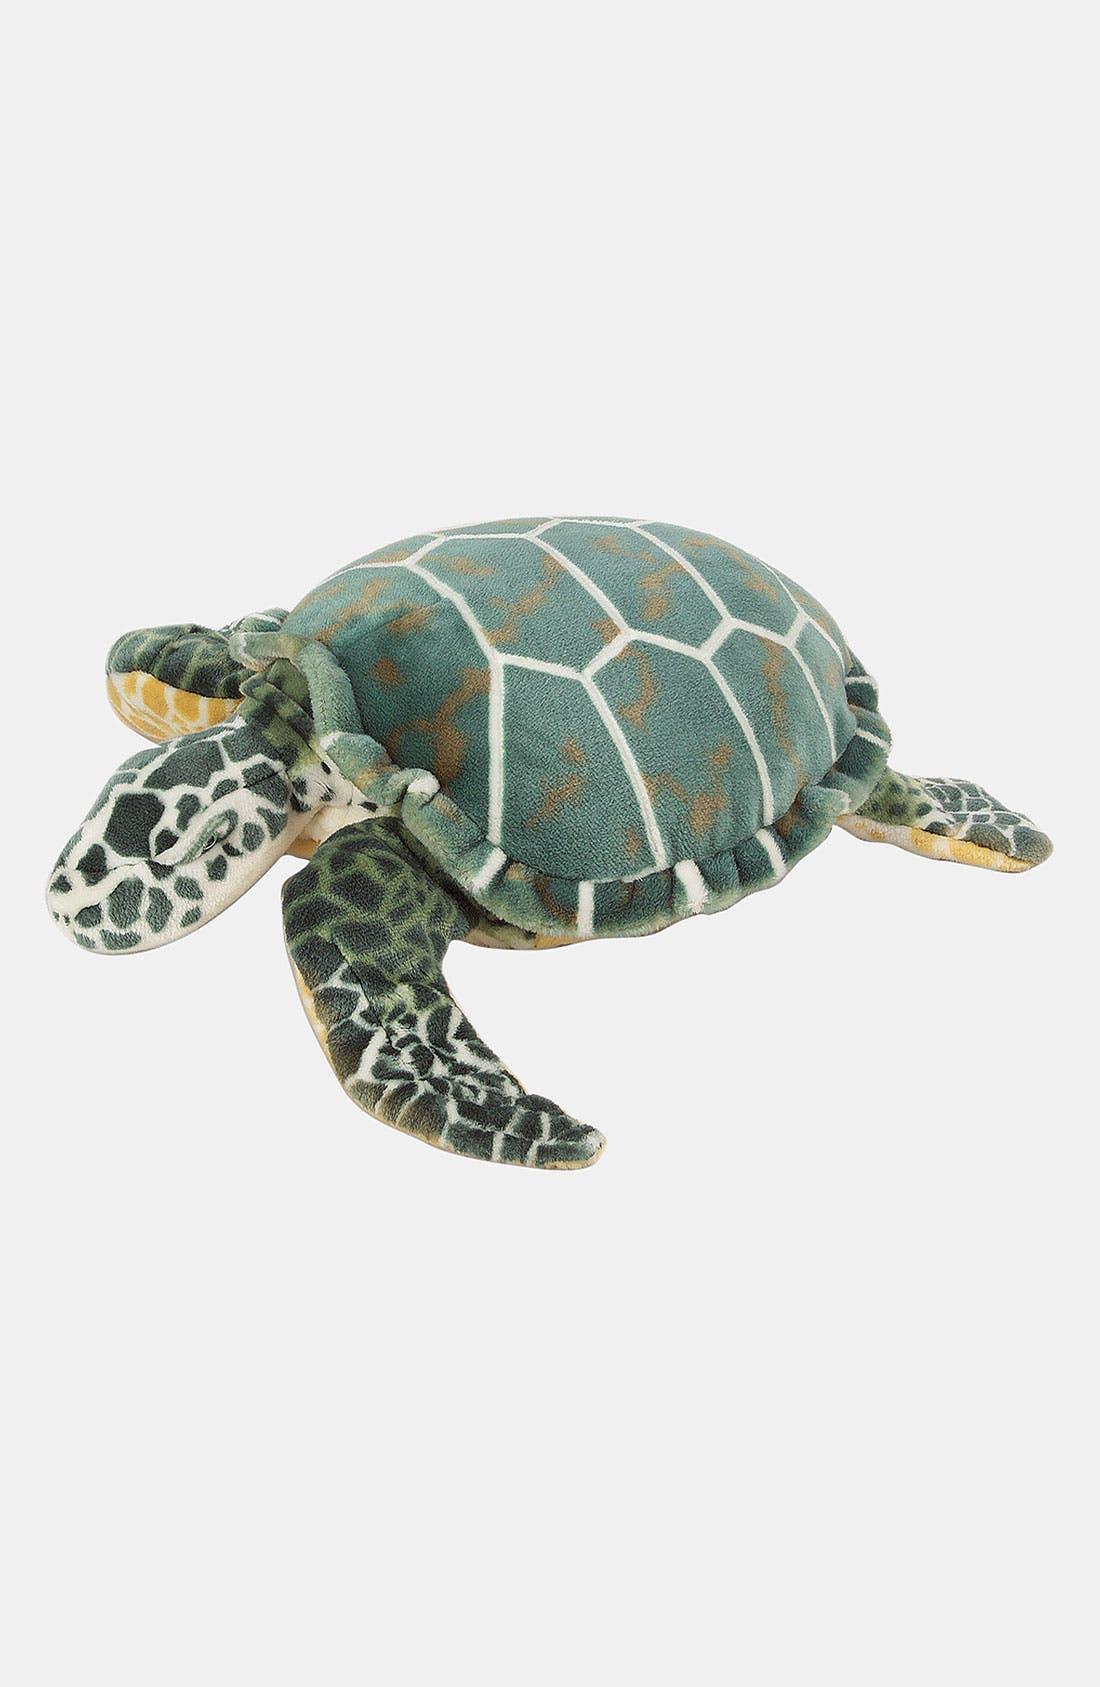 Oversized Plush Stuffed Sea Turtle,                         Main,                         color, 960